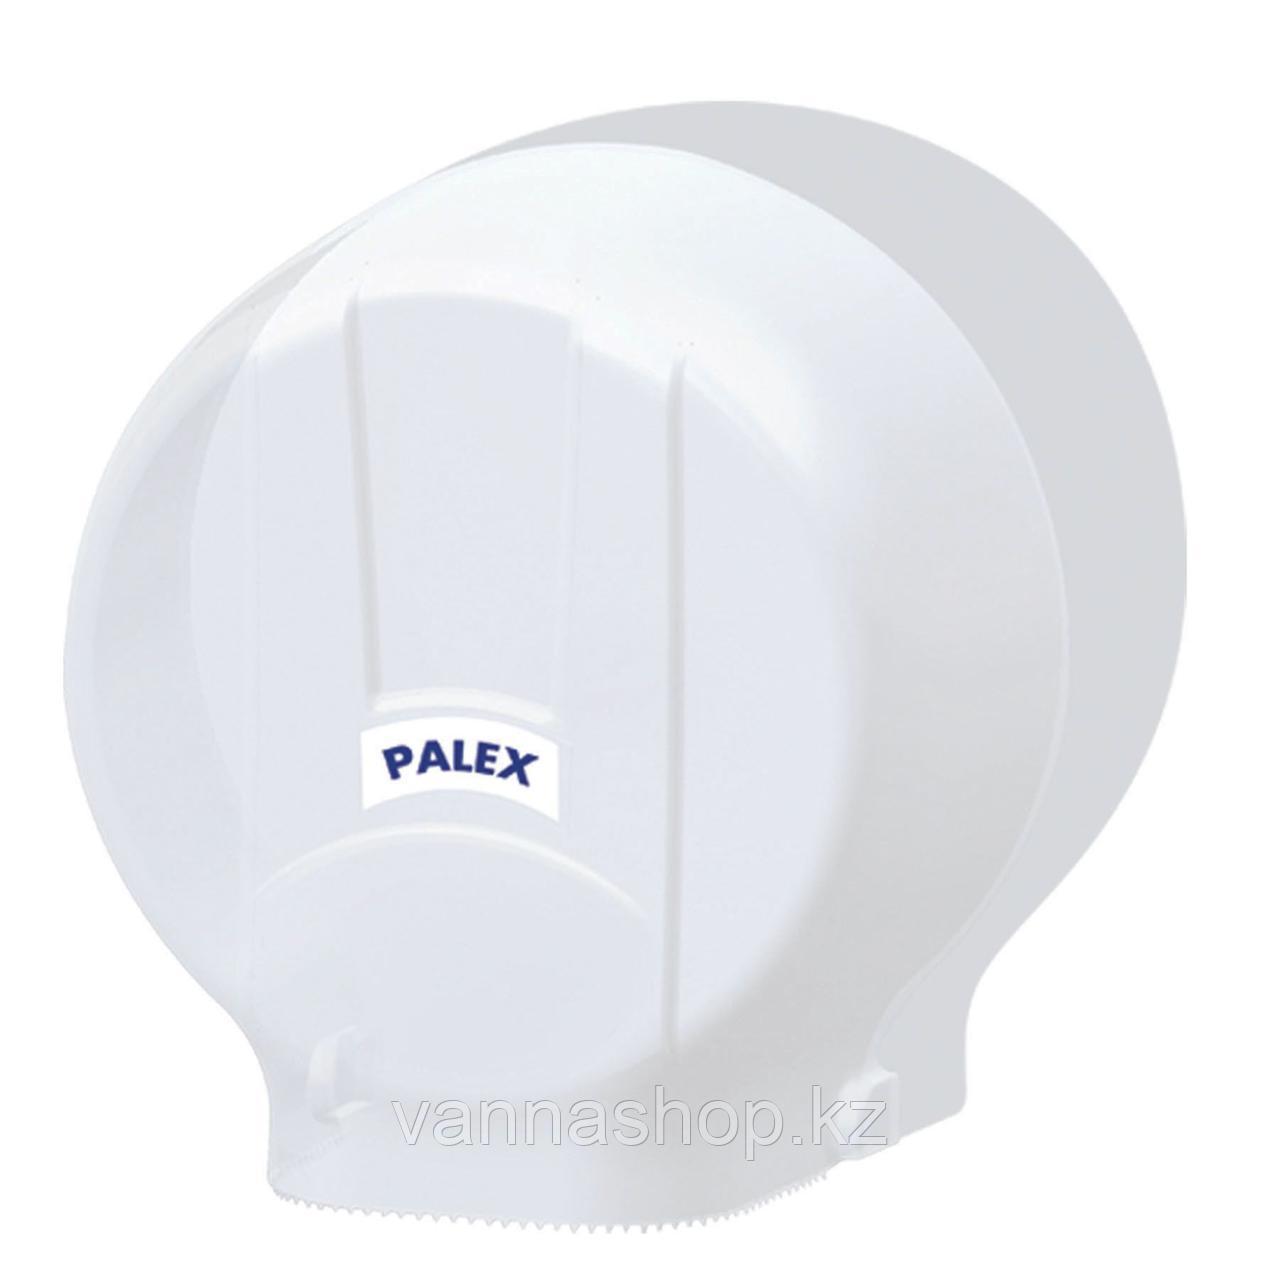 Диспенсер Palex для туалетной бумаги Джамбо Стандарт